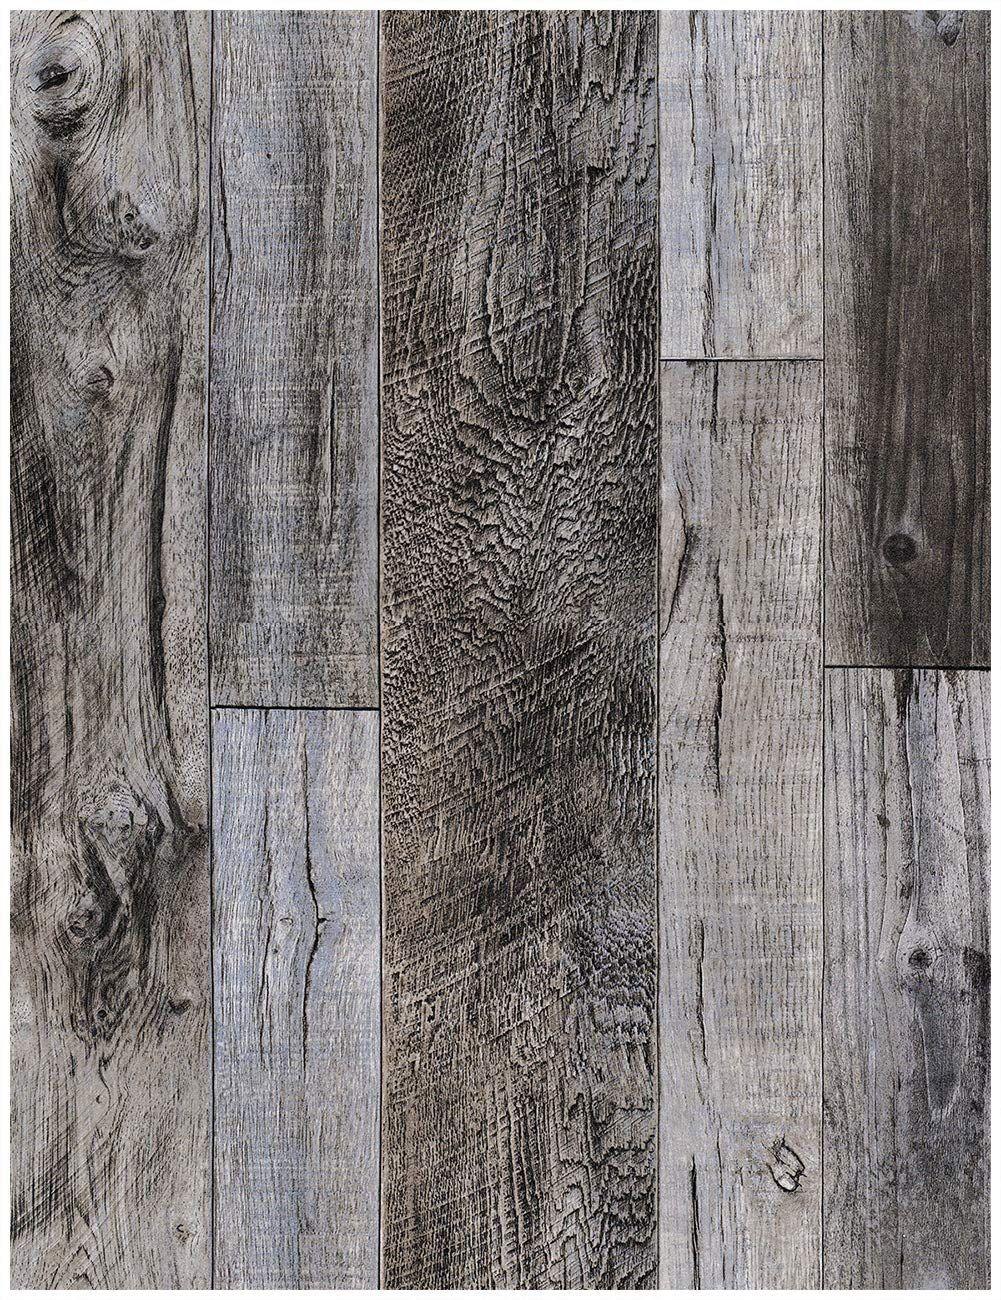 Haokhome 92048 1 Peel And Stick Wood Plank Wallpaper Shiplap 17 7 Quot X 9 8ft Grey Vinyl Self Adhesive Co Fliesen Holzoptik Kontaktpapier Holz Hintergrundbild